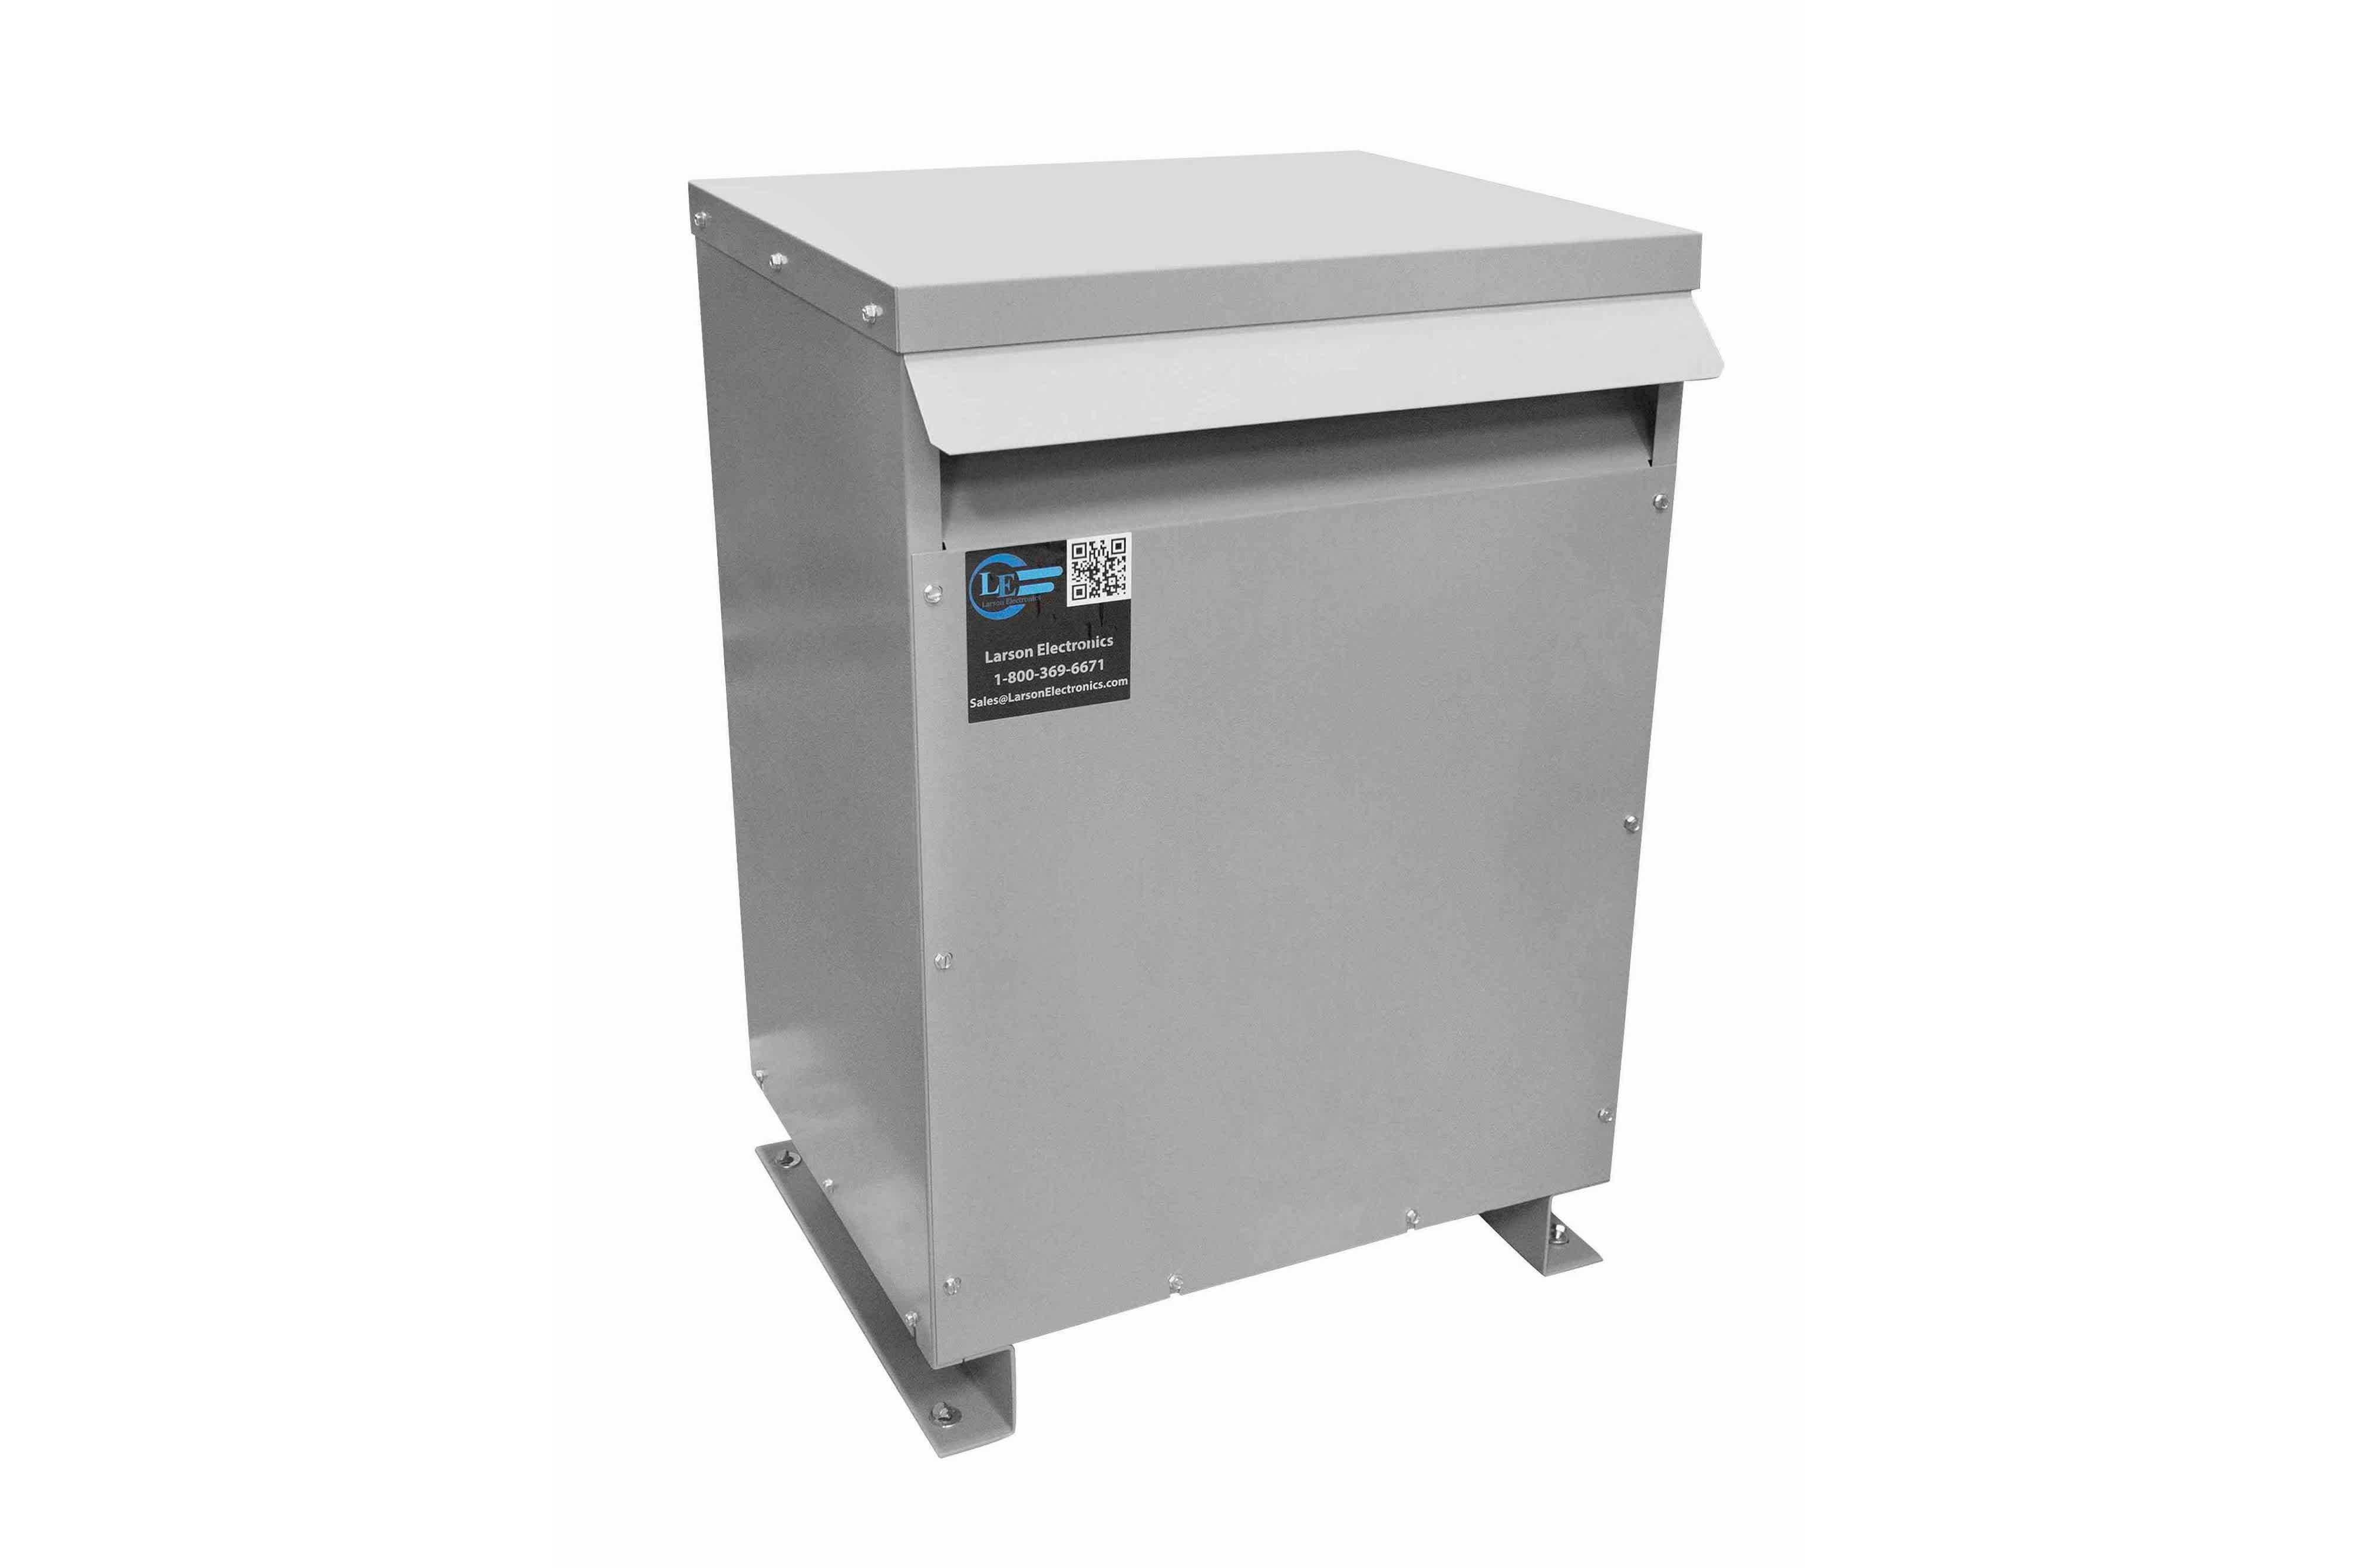 1000 kVA 3PH DOE Transformer, 480V Delta Primary, 240V/120 Delta Secondary, N3R, Ventilated, 60 Hz